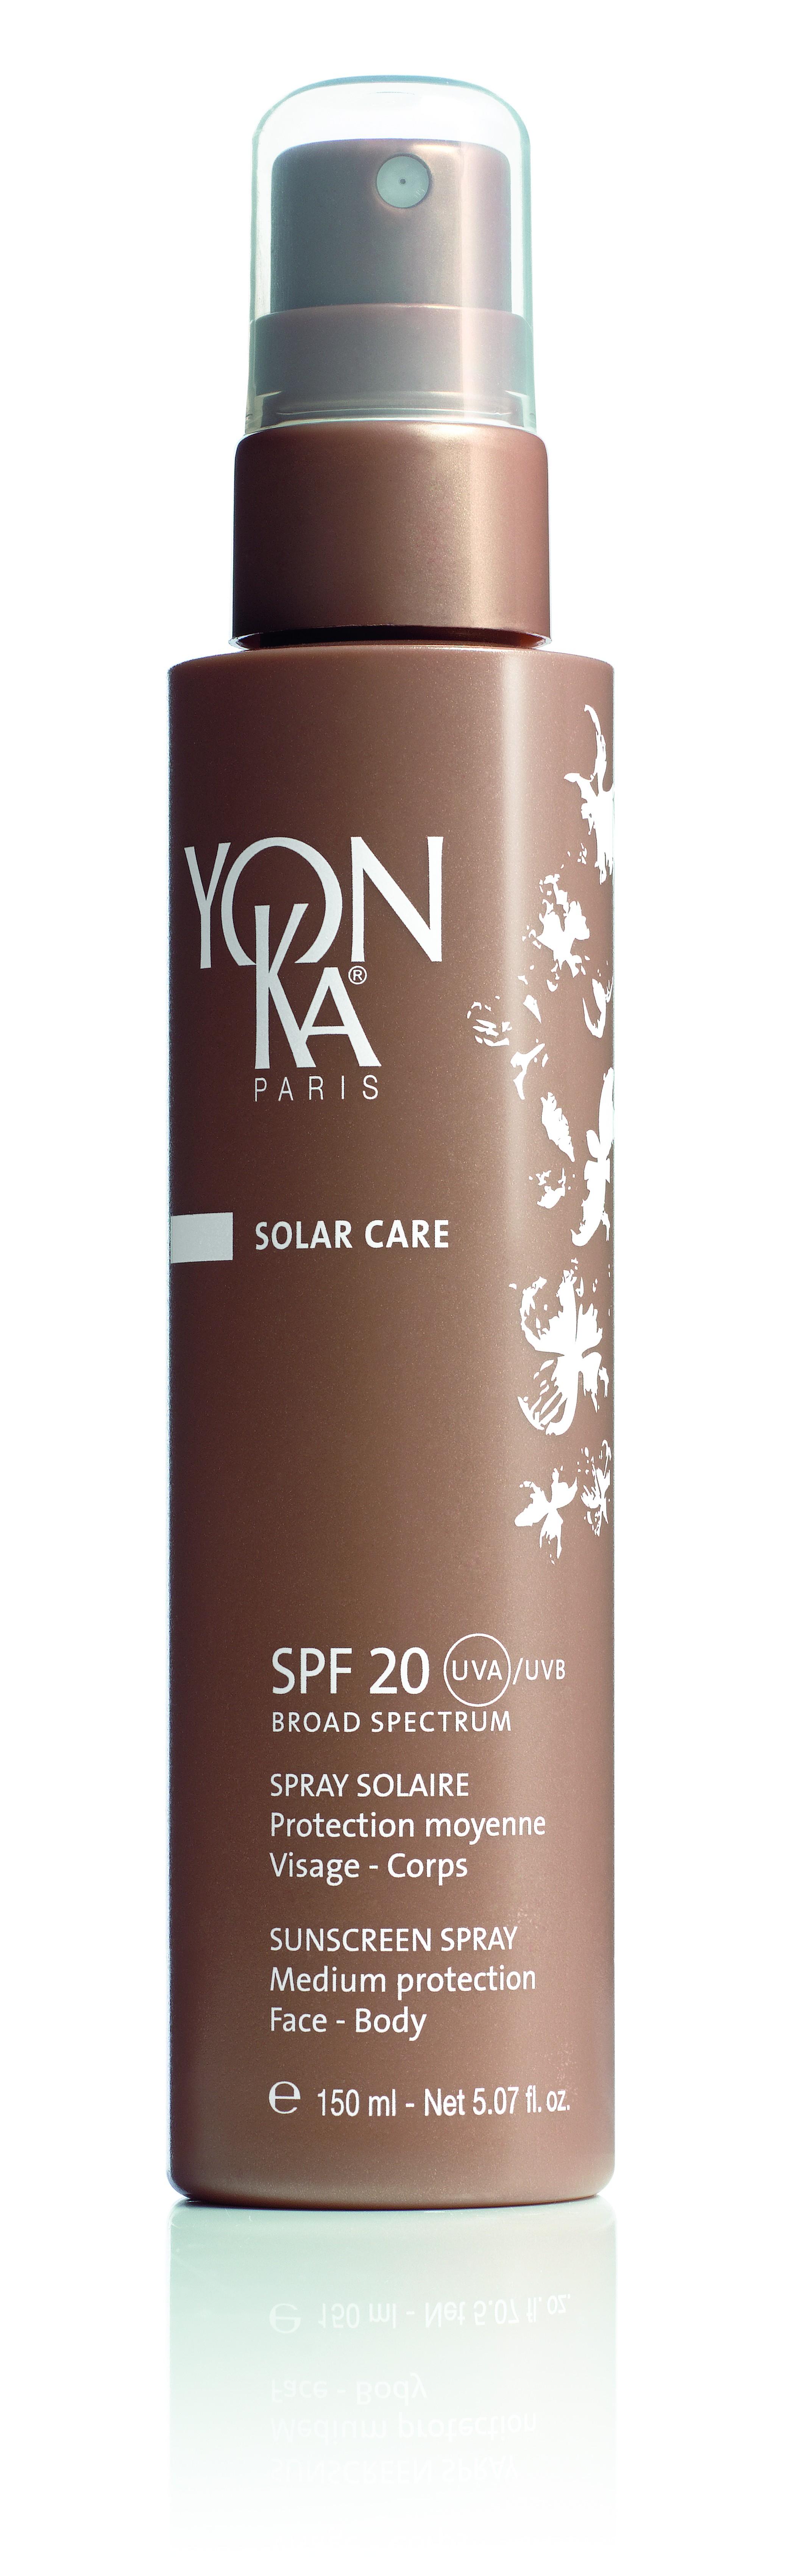 YON KA Спрей для защиты от солнца SPF20 / SOLAR CARE 150млСпреи<br>Средняя степень защиты. Этот солнцезащитный спрей имеет мягкую и легкую текстуру, рекомендуется для легко загорающей кожи и применяется во время умеренной инсоляции. Обеспечивает защиту от UVA и UVB лучей. Поддерживает гидратацию кожи. Помогает бороться со свободными радикалами. Активные ингредиенты: натуральные минеральные и органические солнцезащитные фильтры, полифенолы оливок, витамины А, Е, В5. Способ применения: нанесите перед выходом на солнце. Наносите повторно через каждые 2 часа, а также после купания или интенсивного потоотделения.<br><br>Защита от солнца: None